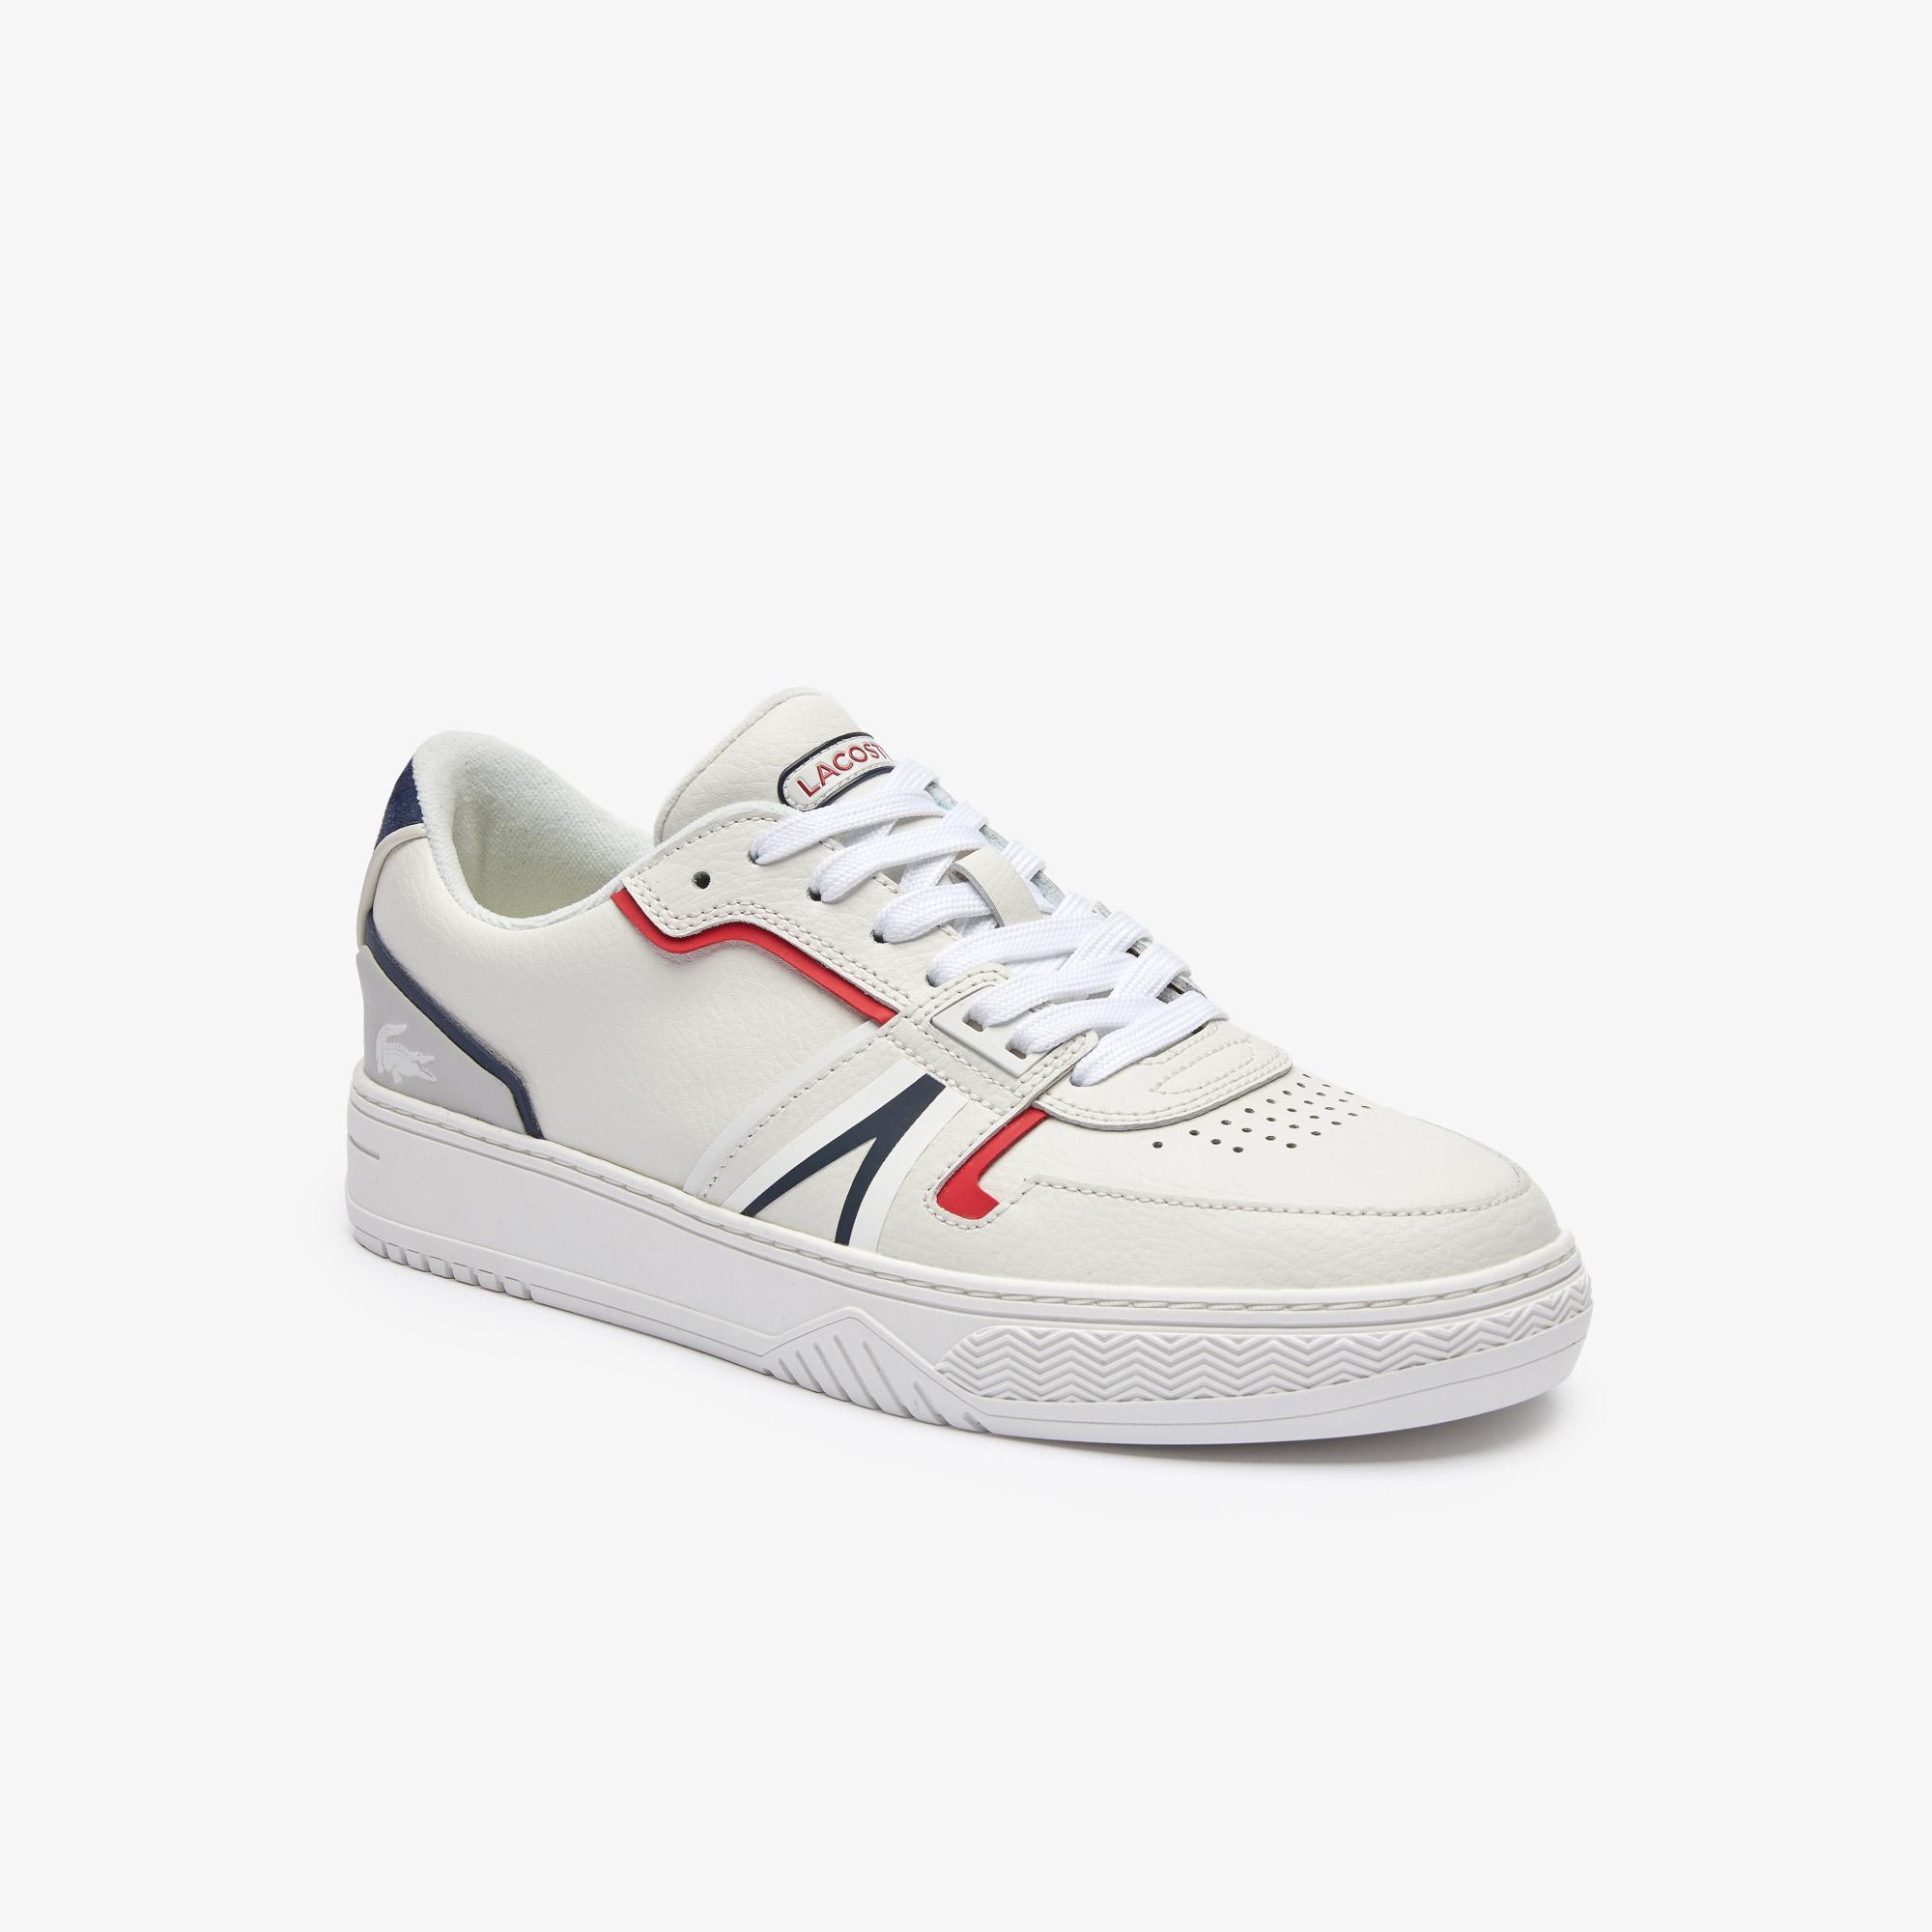 Lacoste L001 0321 1 Sma Erkek Deri Renkli Sneaker